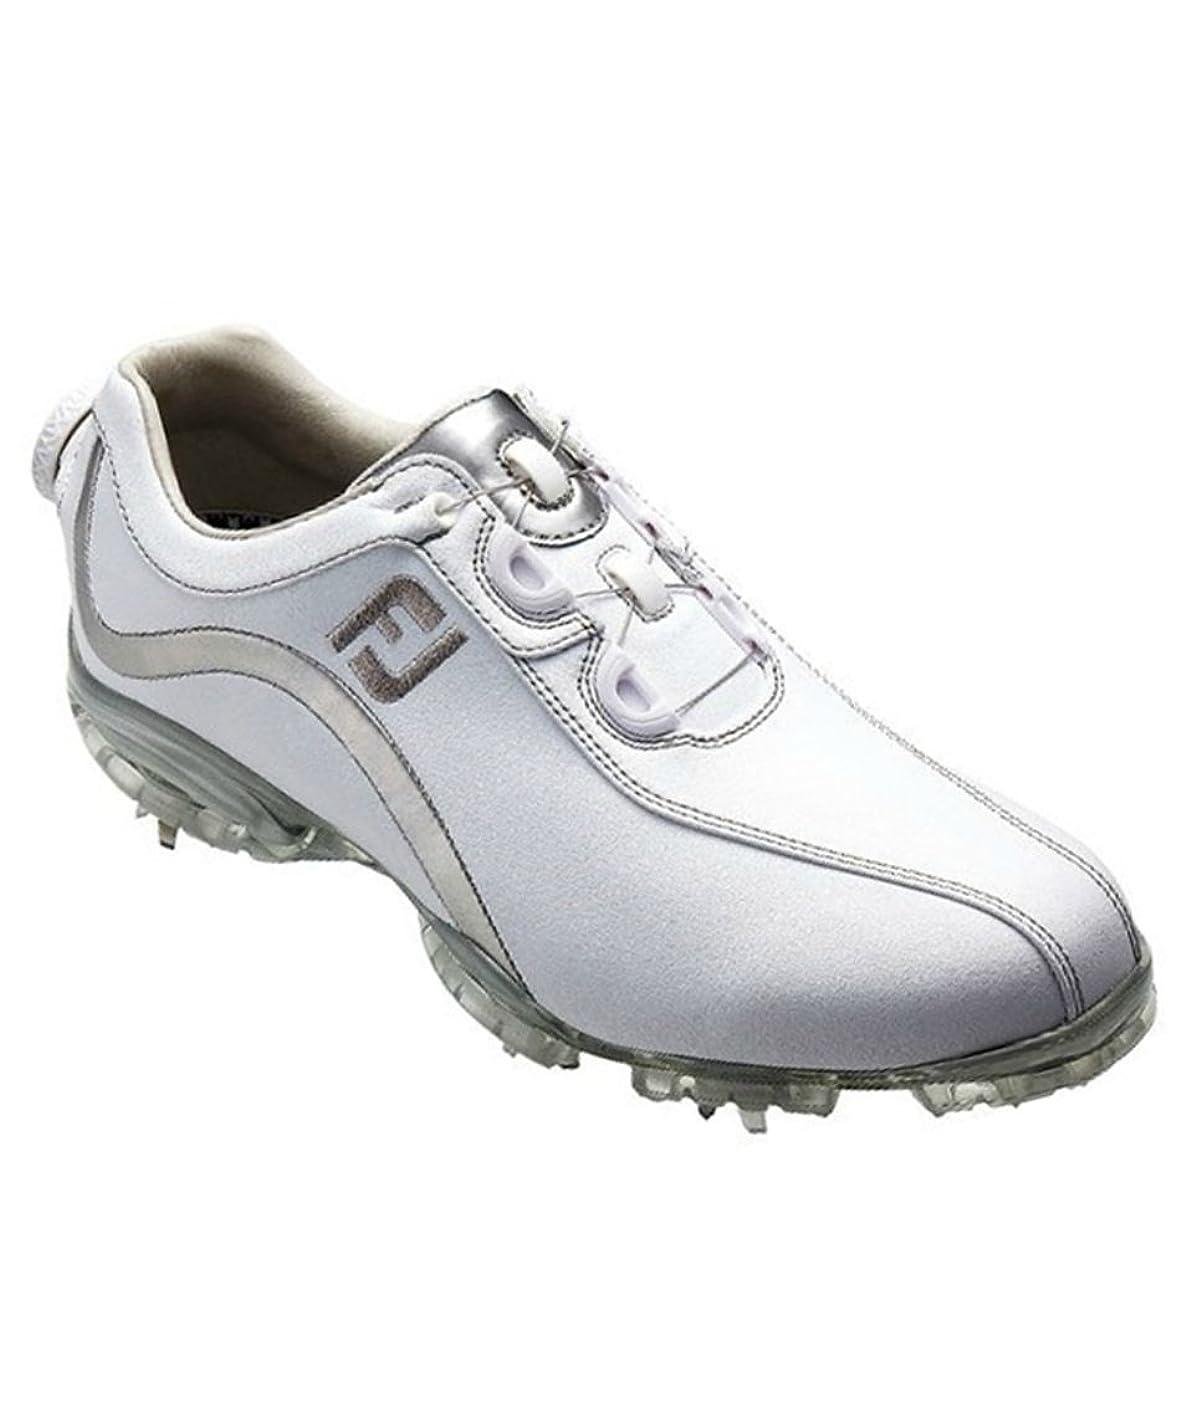 まだらふくろう注目すべきフットジョイ Foot Joy 13 WOリールフィットシューズ レディス 93809 ホワイト/シルバー 23.5cm